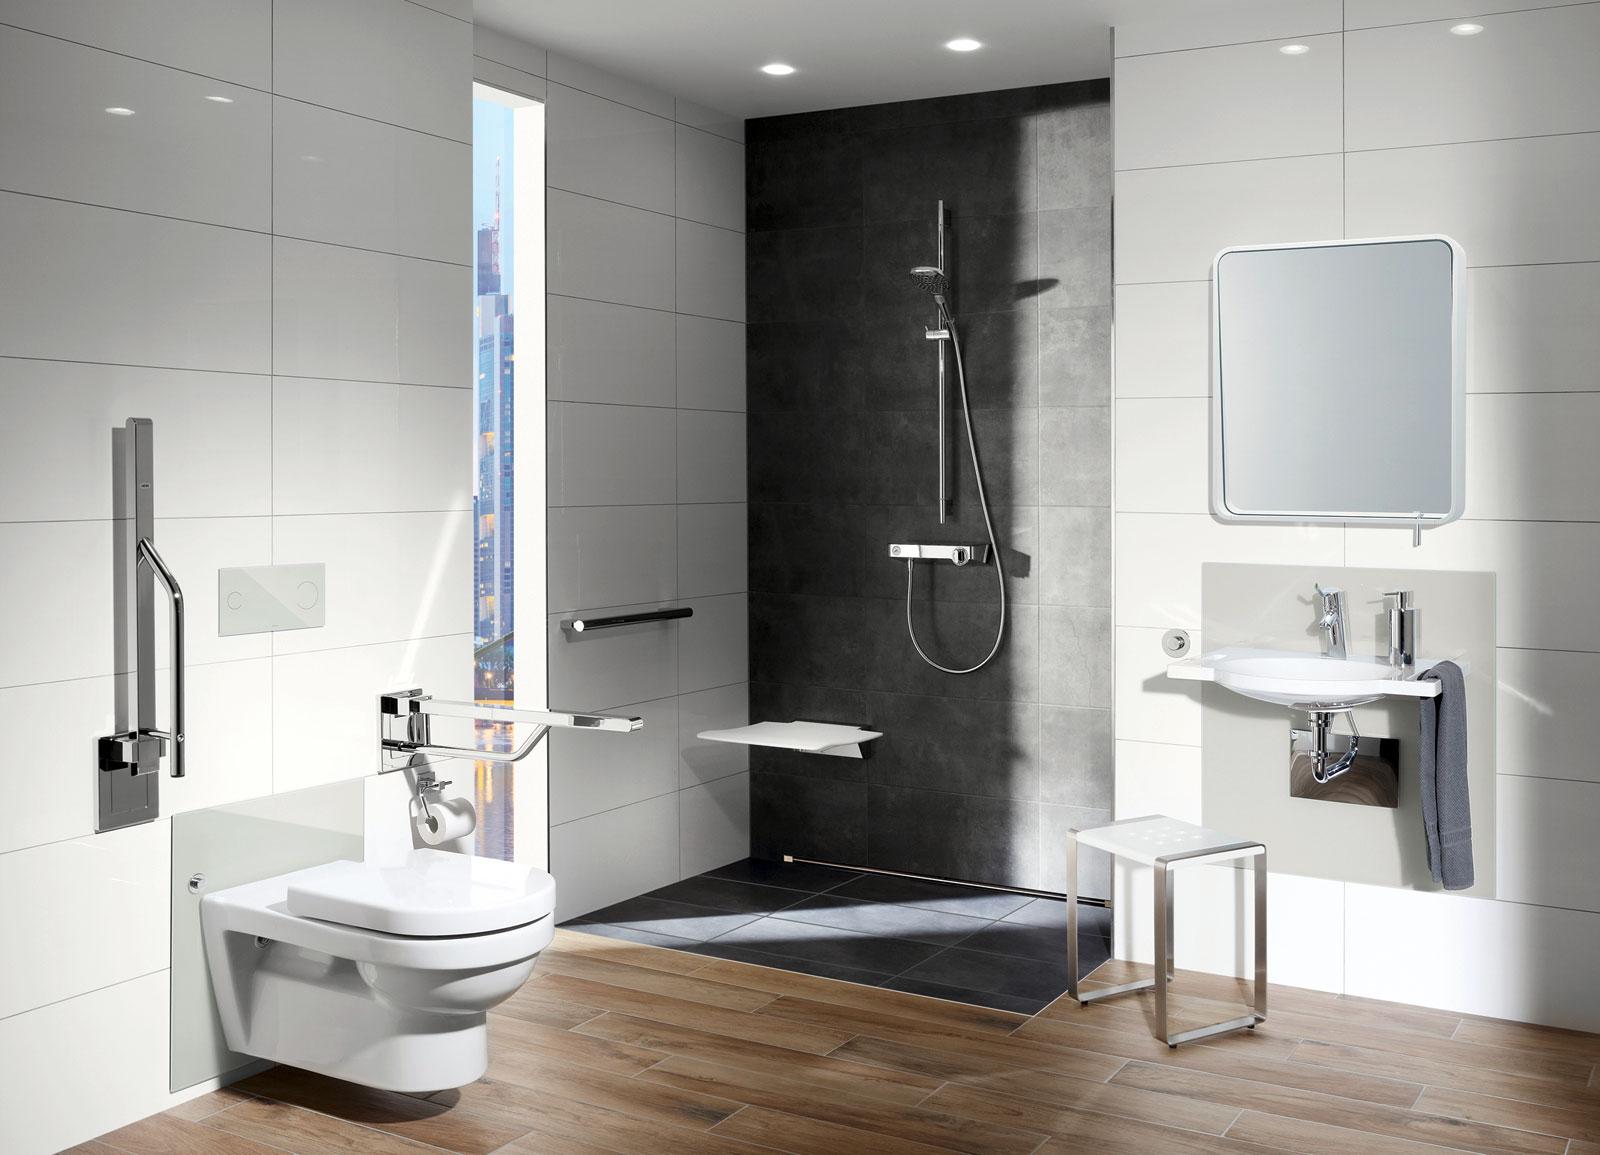 łazienka Dla Seniora Rozwiązania Sanitarne Viega